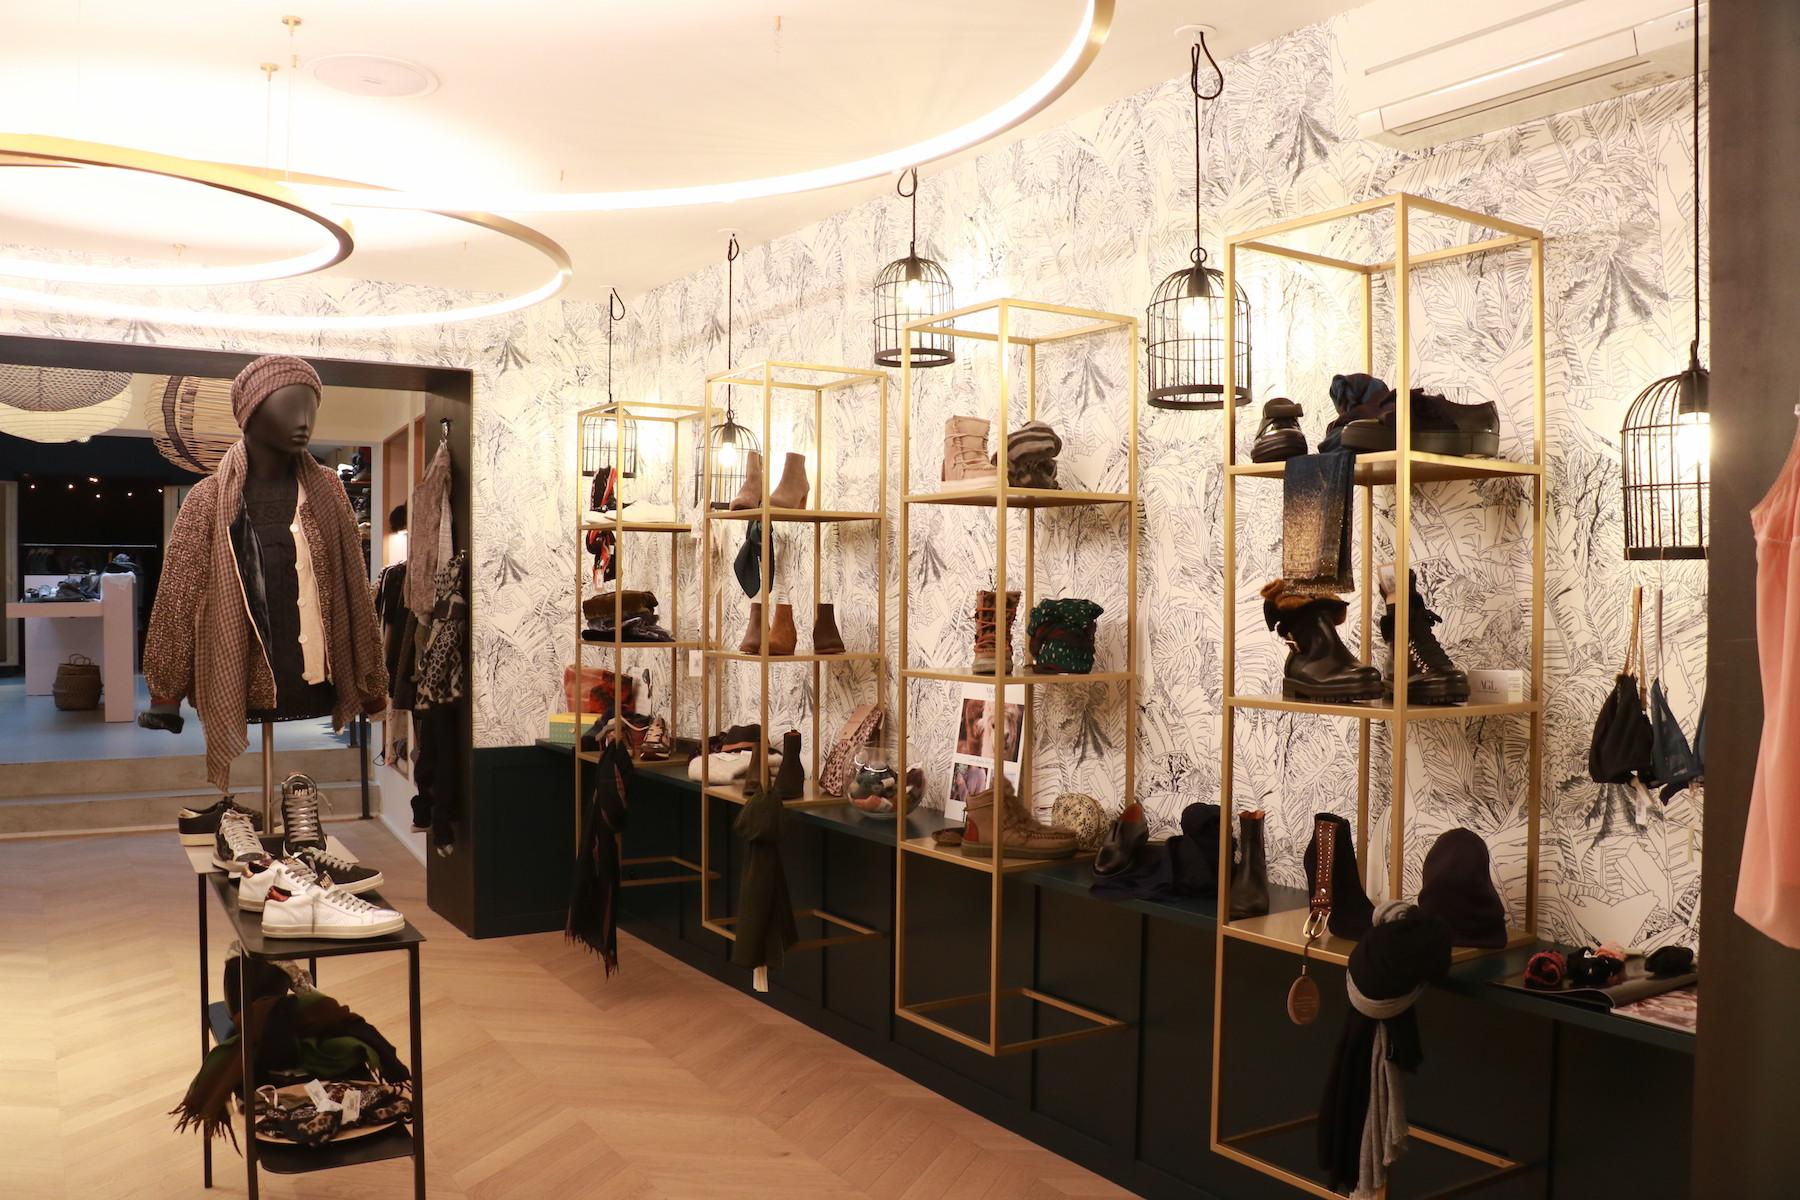 agencement intérieur, agencement magasin, décoration intérieur